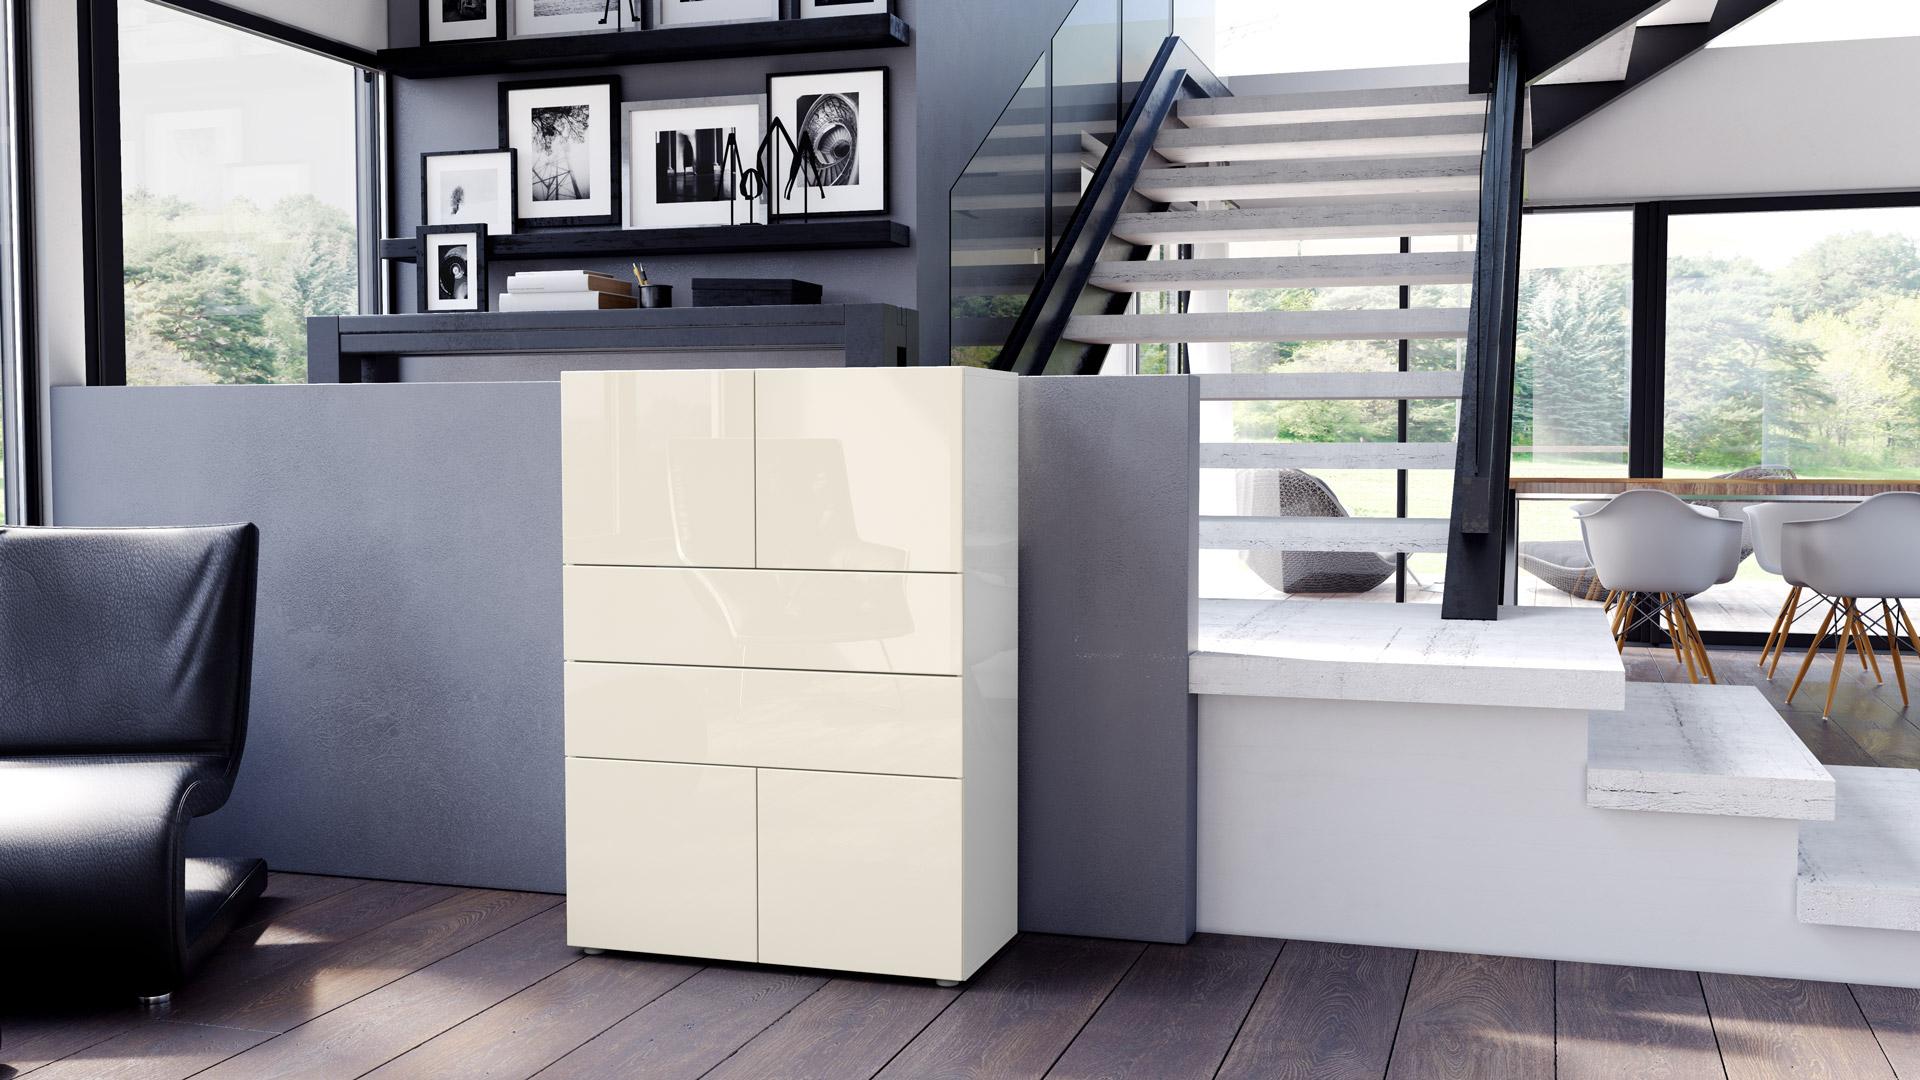 kommode schrank anrichte sideboard massa v2 in wei hochglanz naturt ne. Black Bedroom Furniture Sets. Home Design Ideas